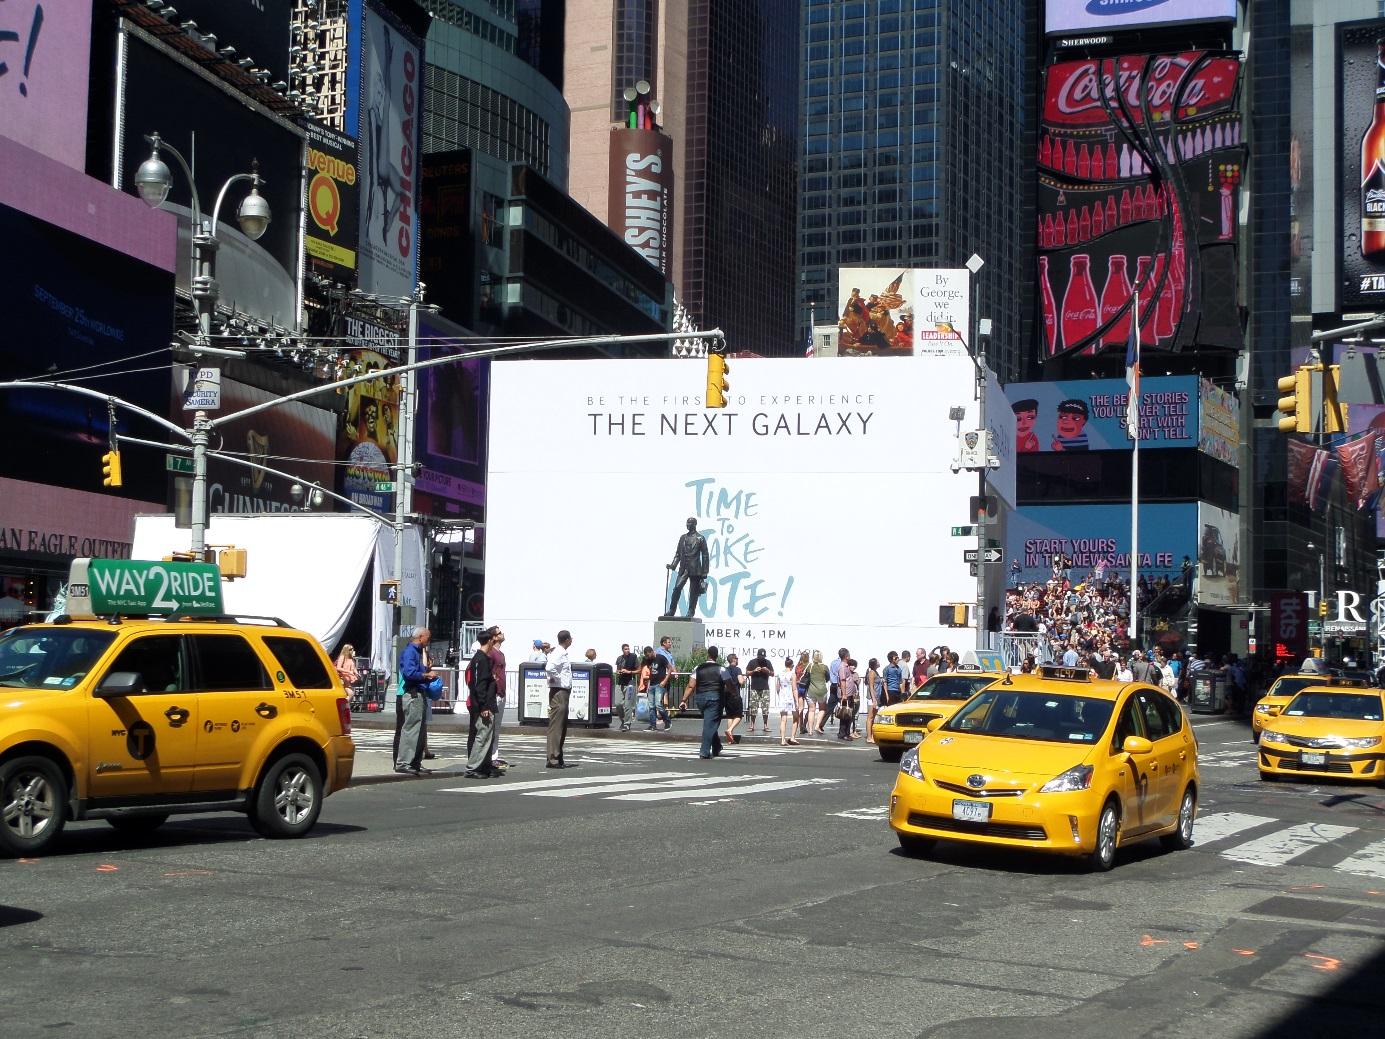 삼성 언팩 뉴욕 행사장 모습입니다.